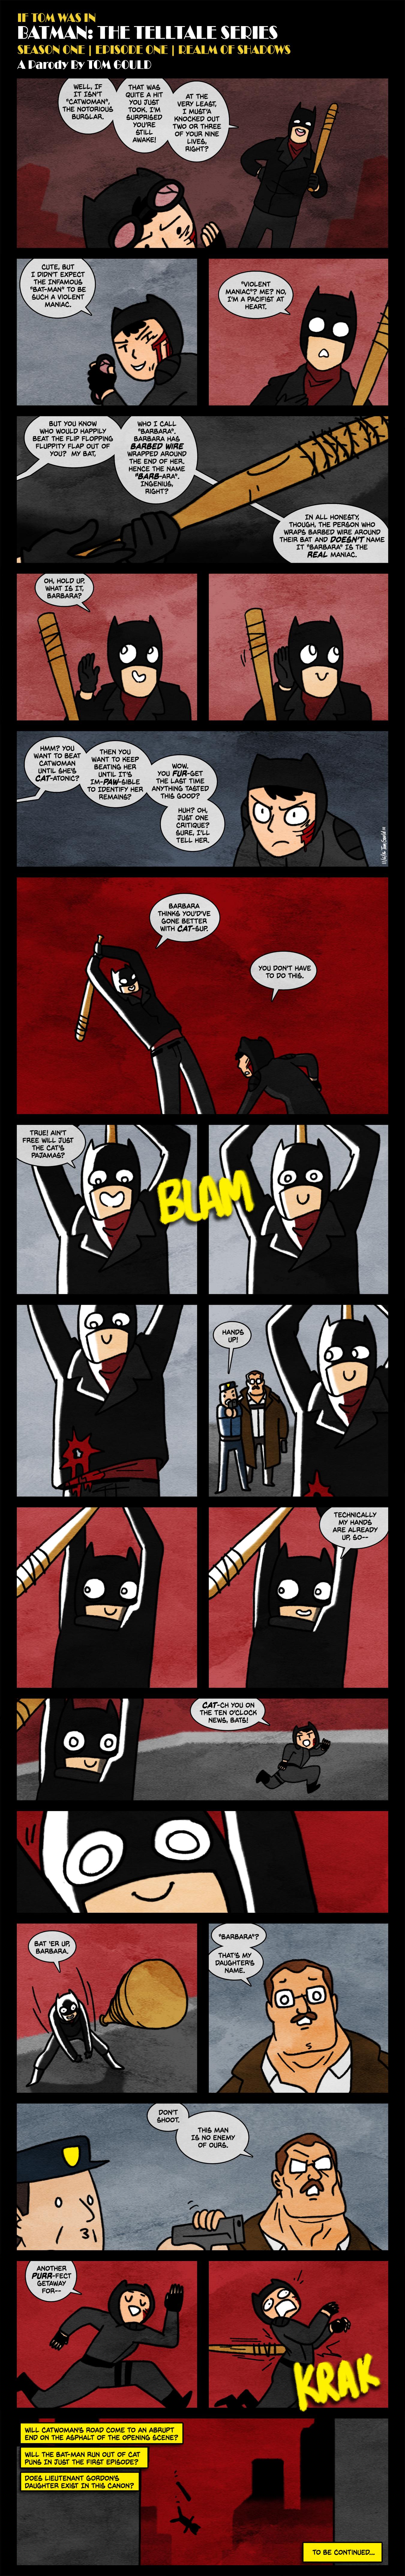 Bat Man S1e1 O Pun Ing Scene By Thegouldenway